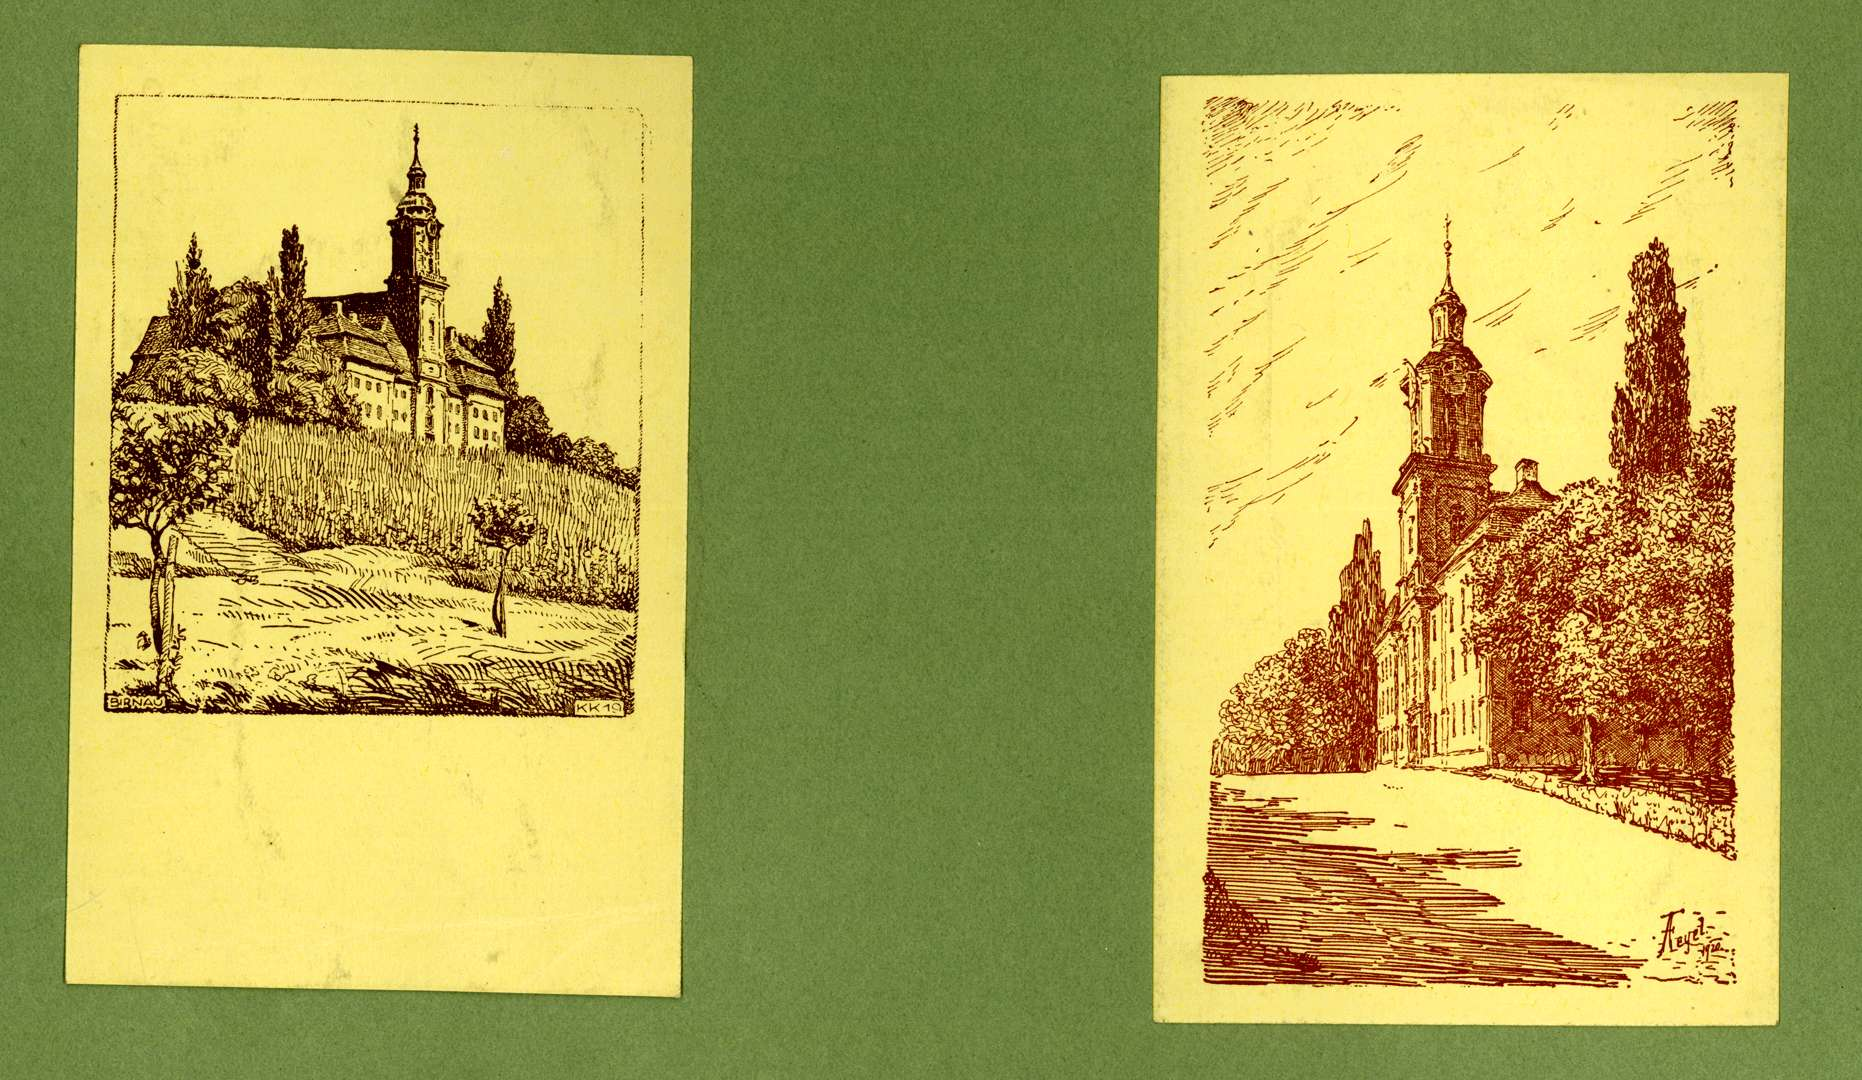 Wallfahrtskirche von zwei Seiten, Bild 1